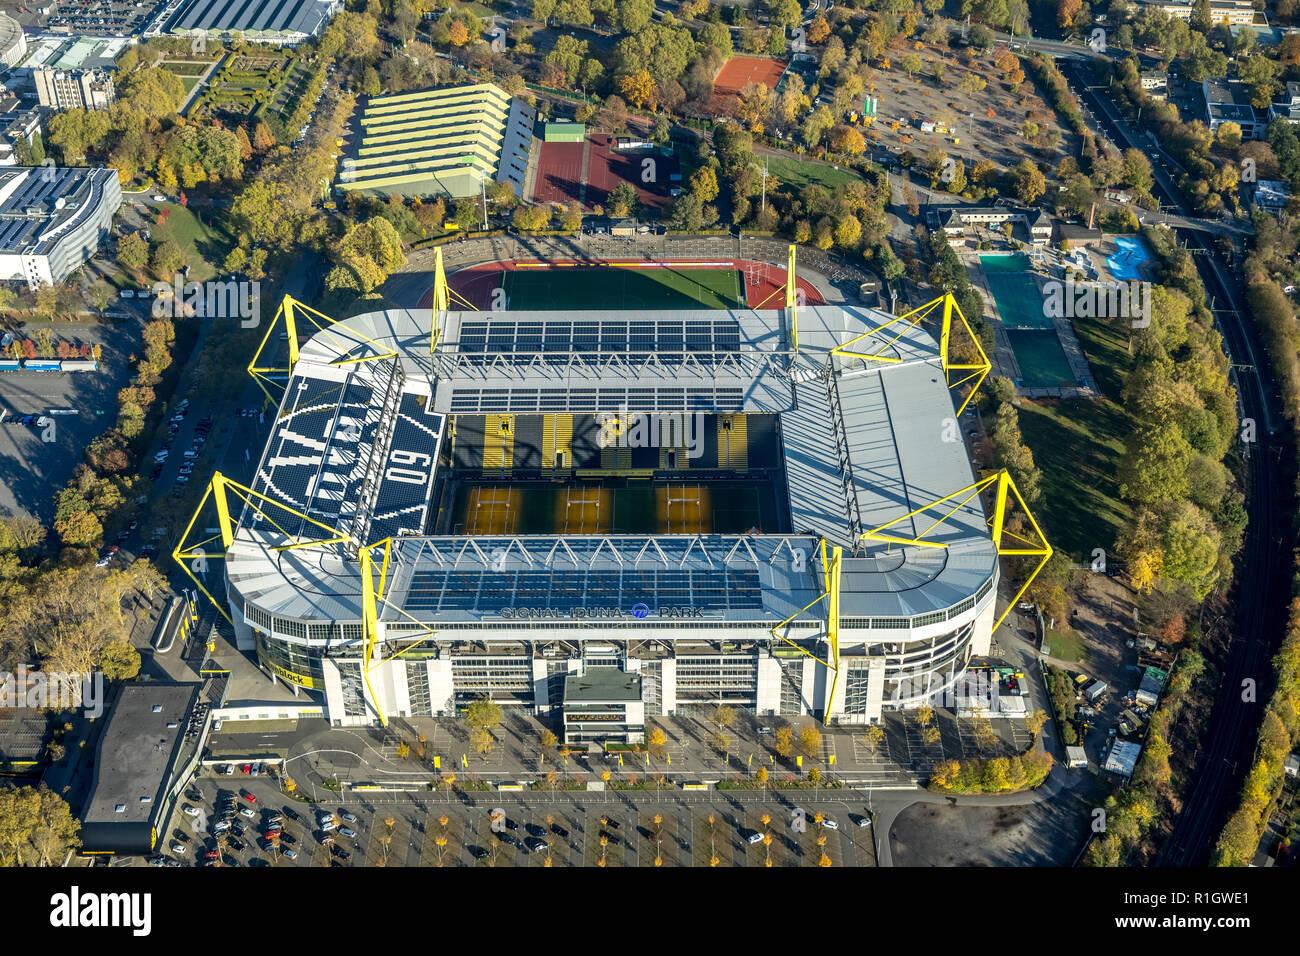 Aerial View, Westfalenstadion, SignalIdunaPark, BVB Stadion, stadium heating, soil heating, solar panels, Schonau, Dortmund, Ruhr, Nordrhein-Westfalen - Stock Image